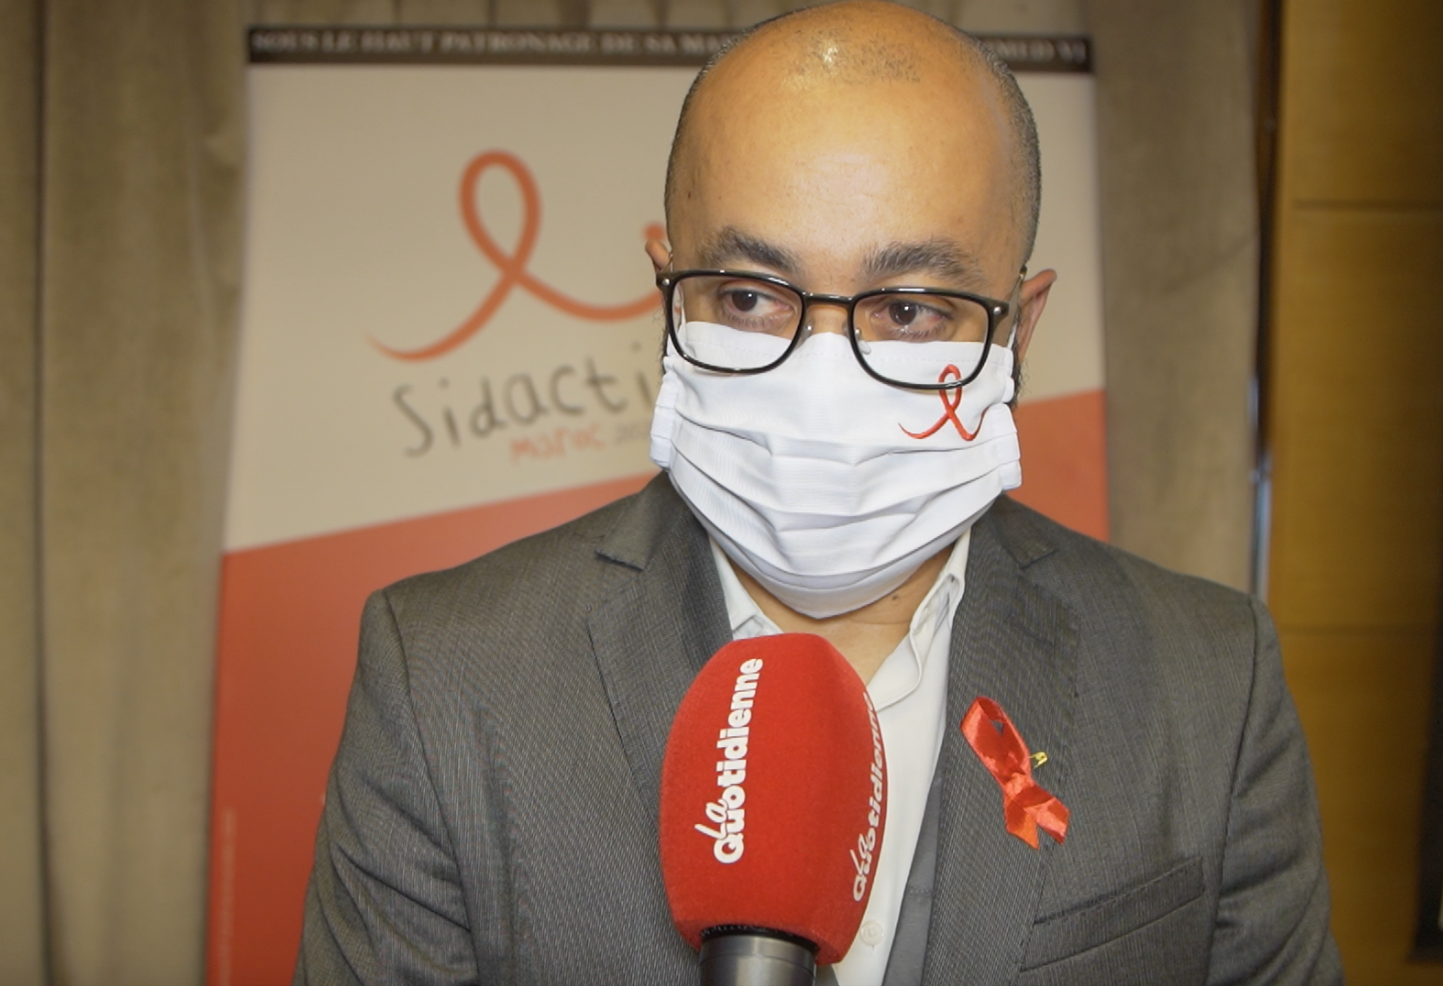 Sidaction Maroc 2020 : C'est parti pour la huitième édition !